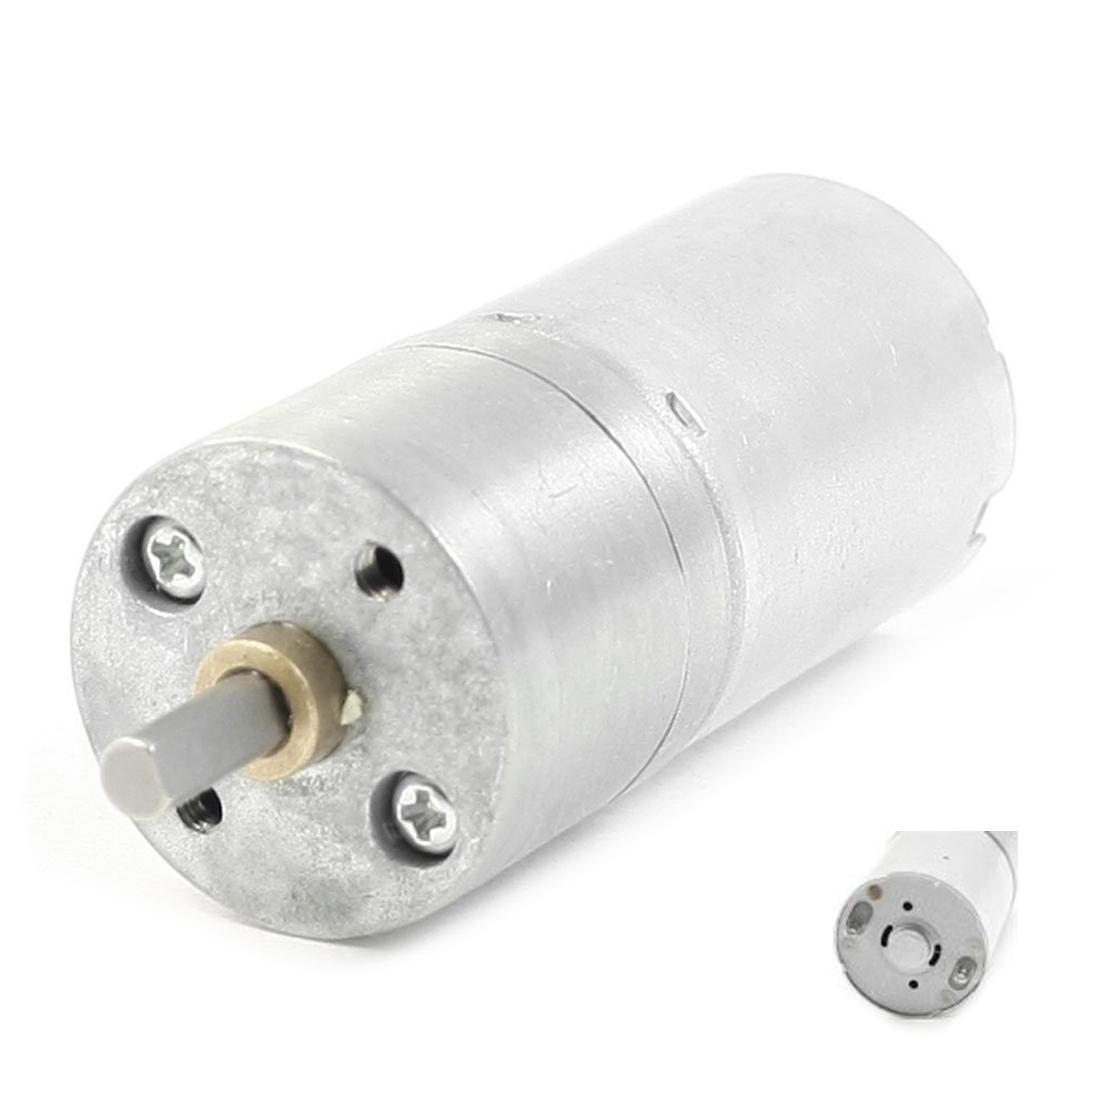 CNIM Hot 300RPM DC 12V 0 03A High Torque Gear Box Electric Speed